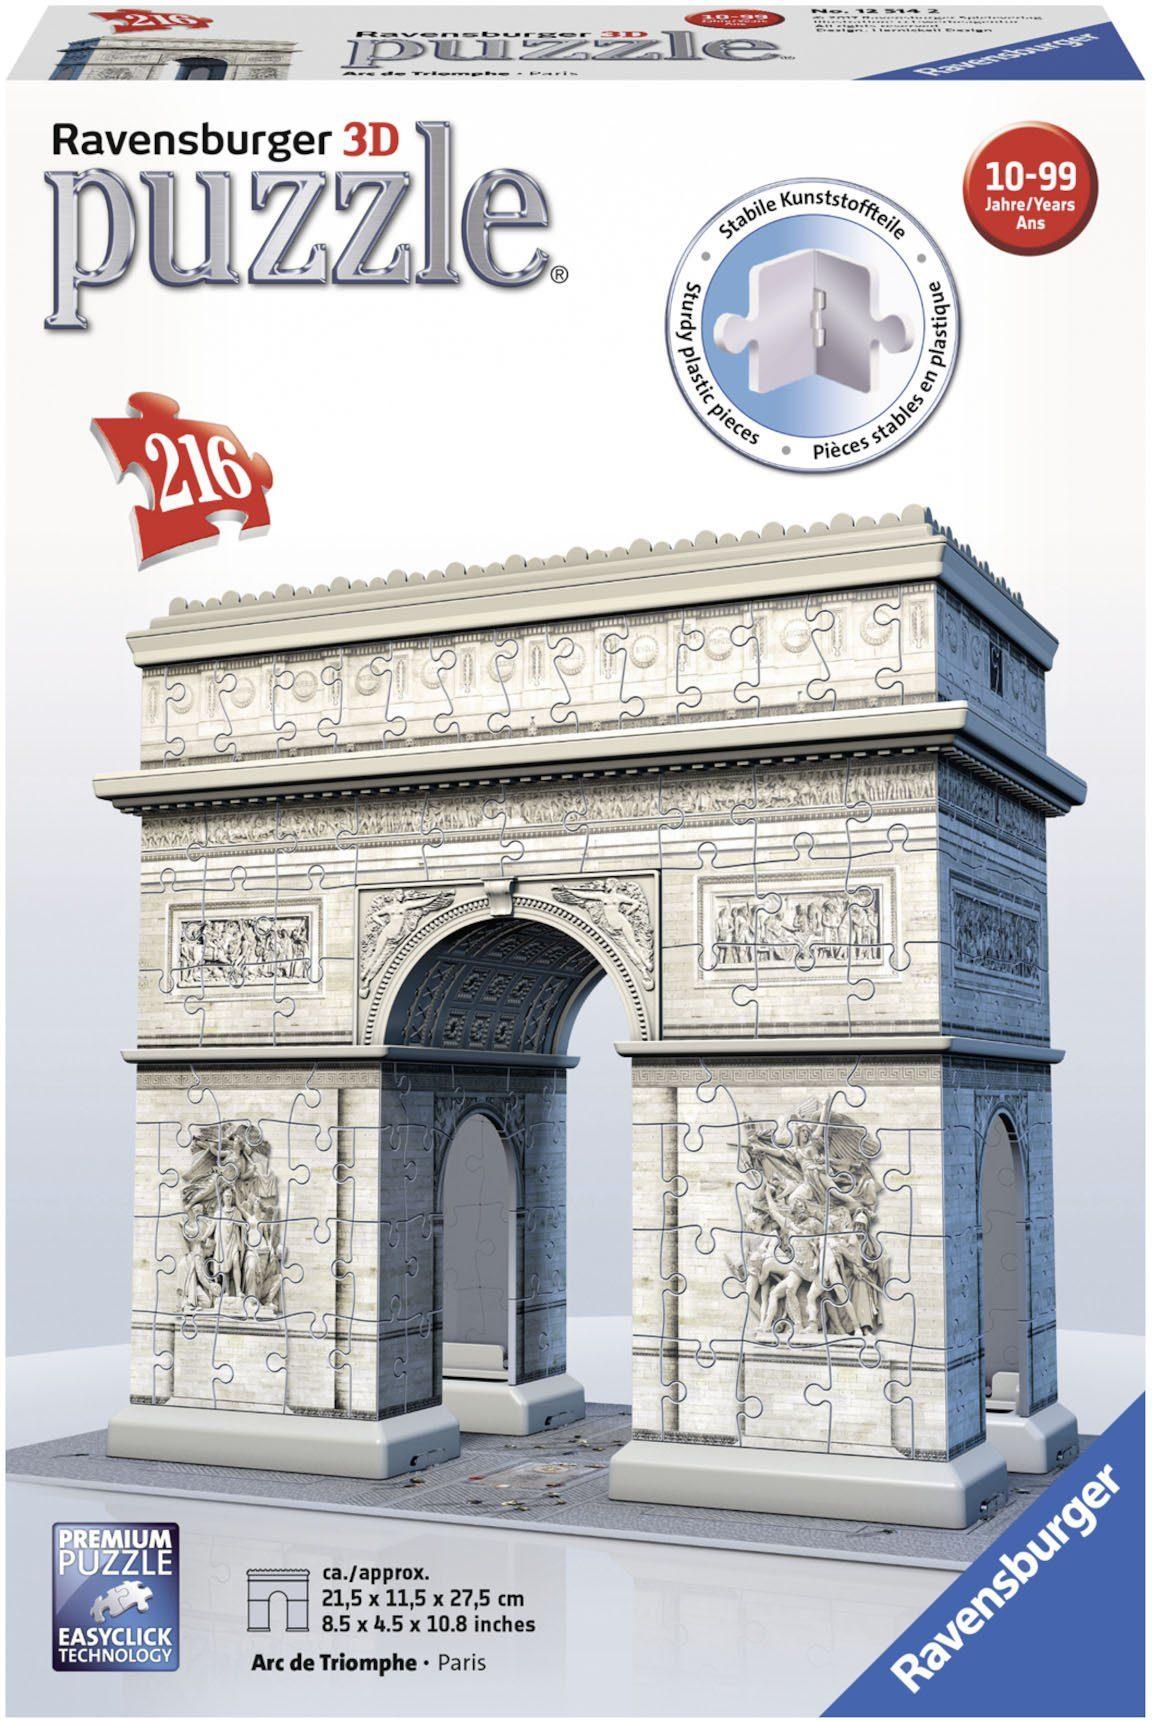 Ravensburger 3D Puzzle, 216 Teile, »Triumphbogen Paris«